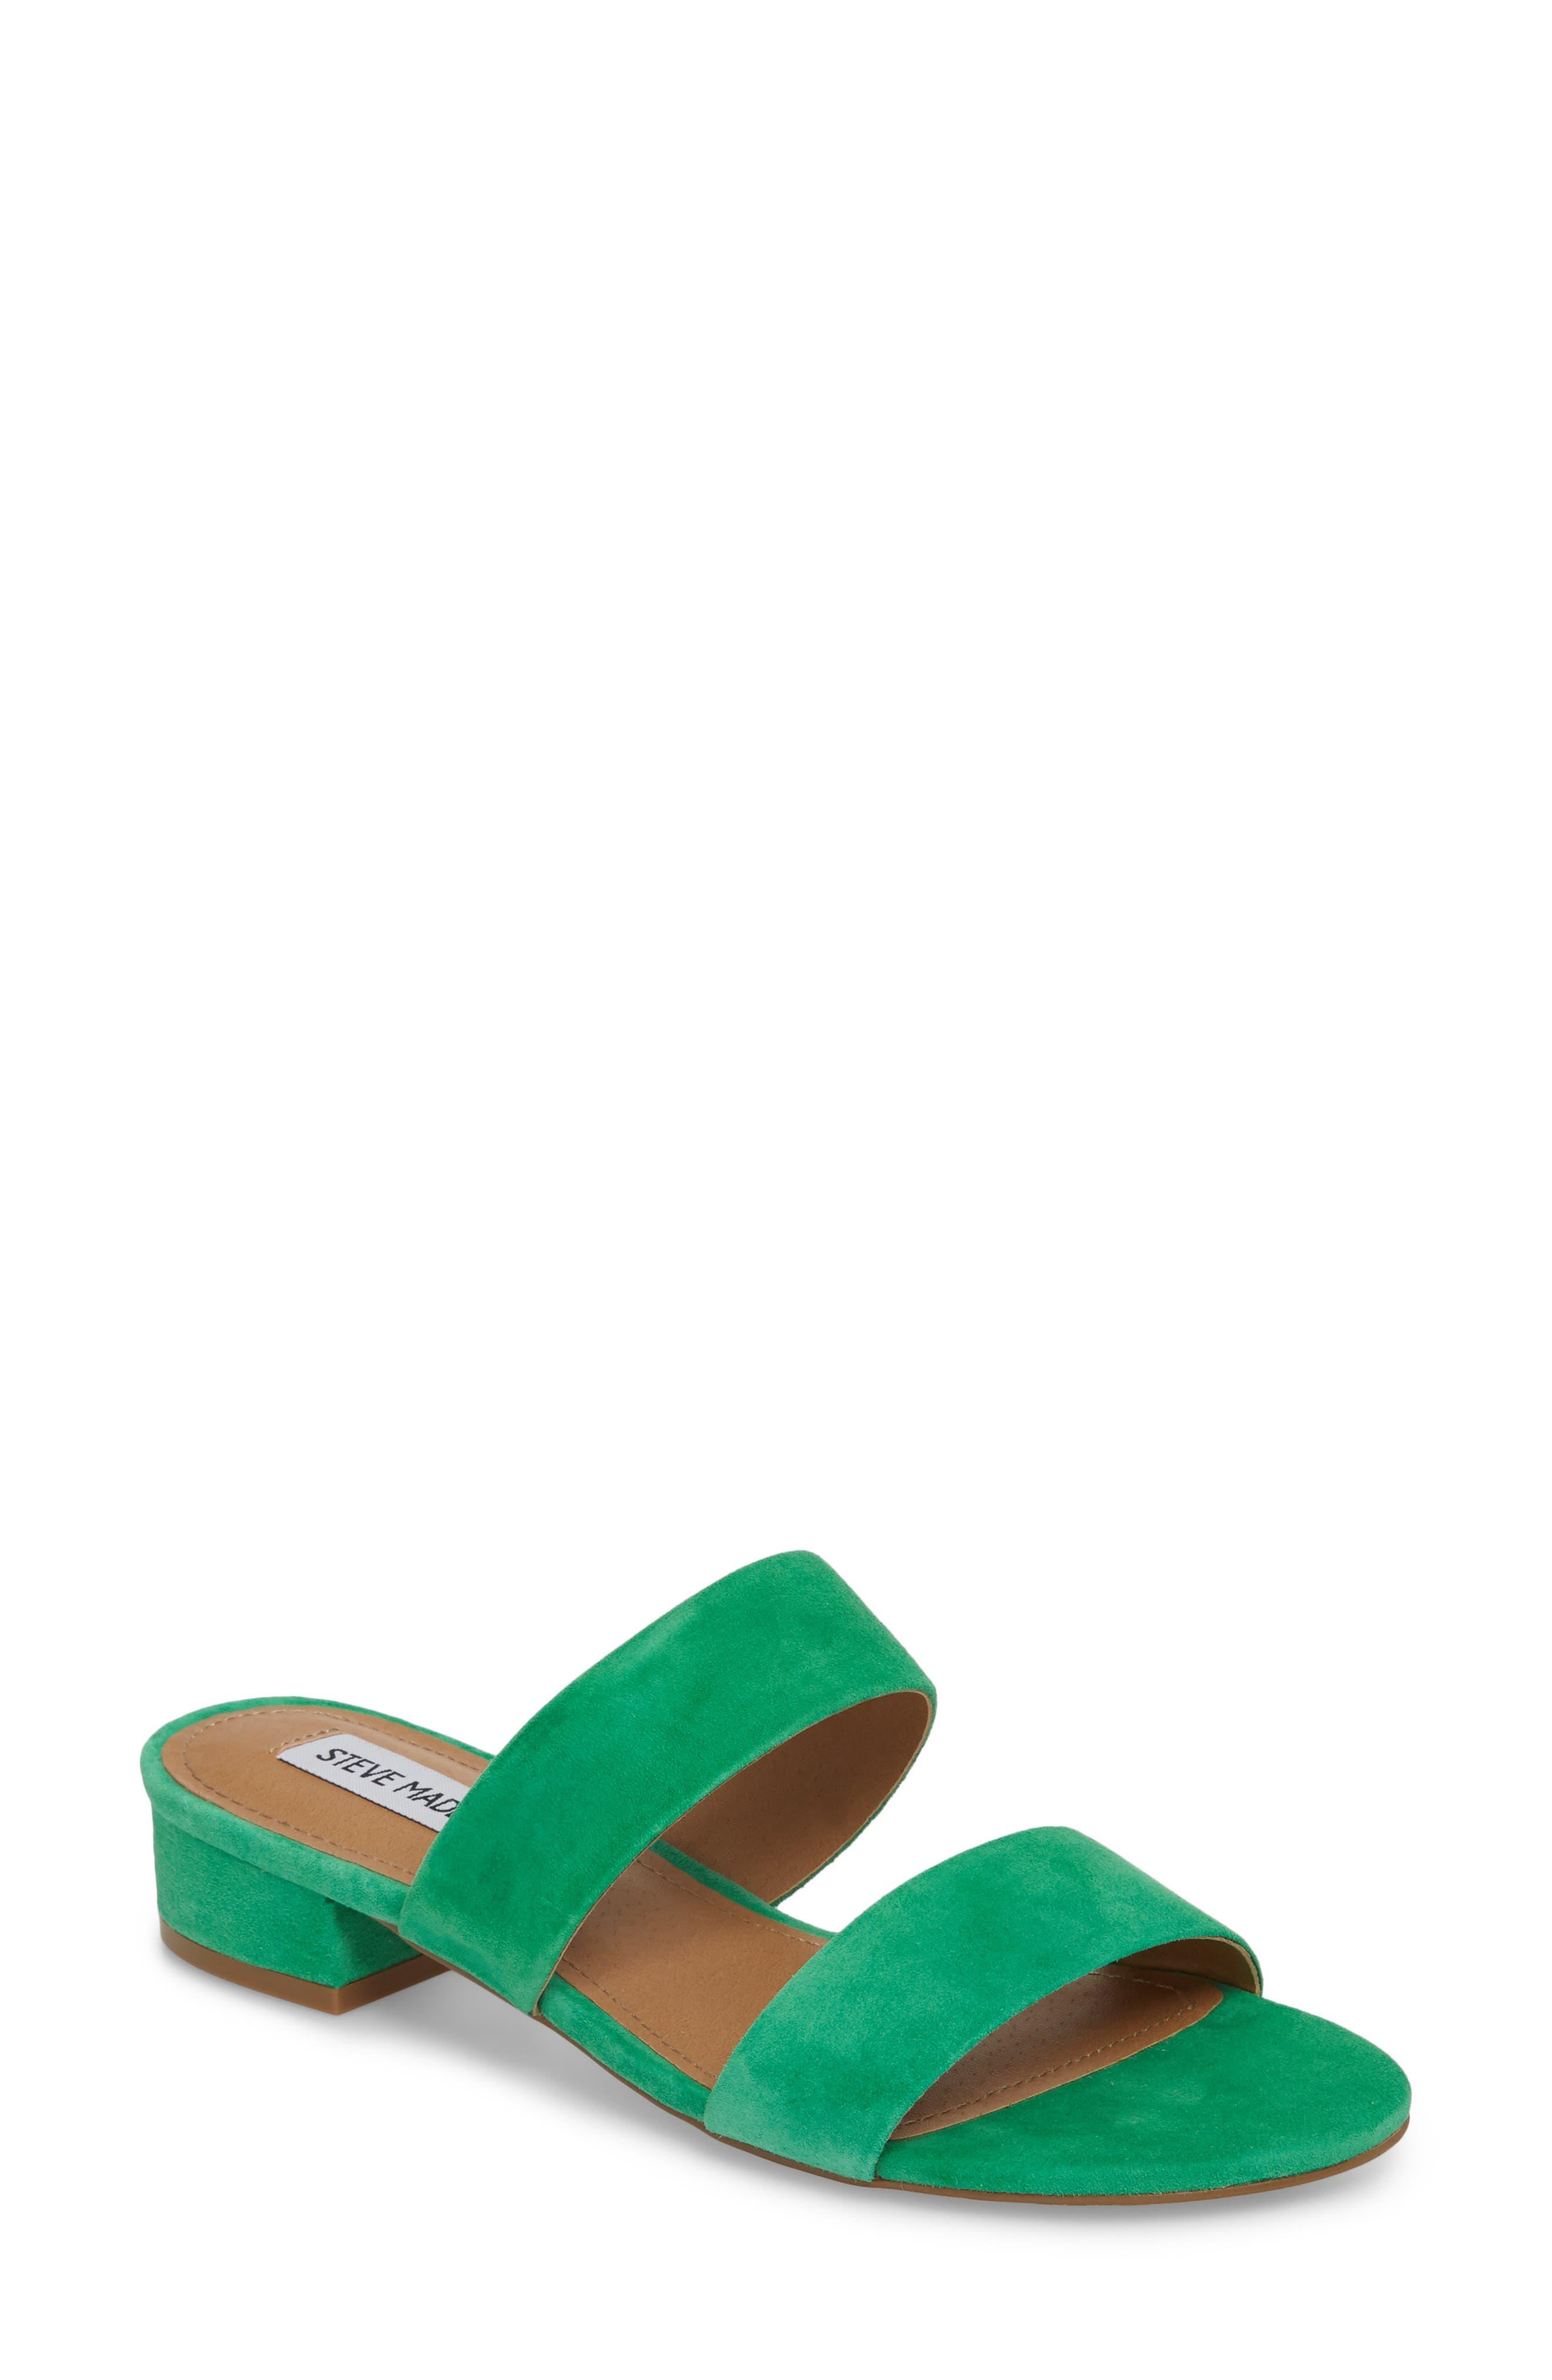 Steve Madden Cactus Sandal (Women)